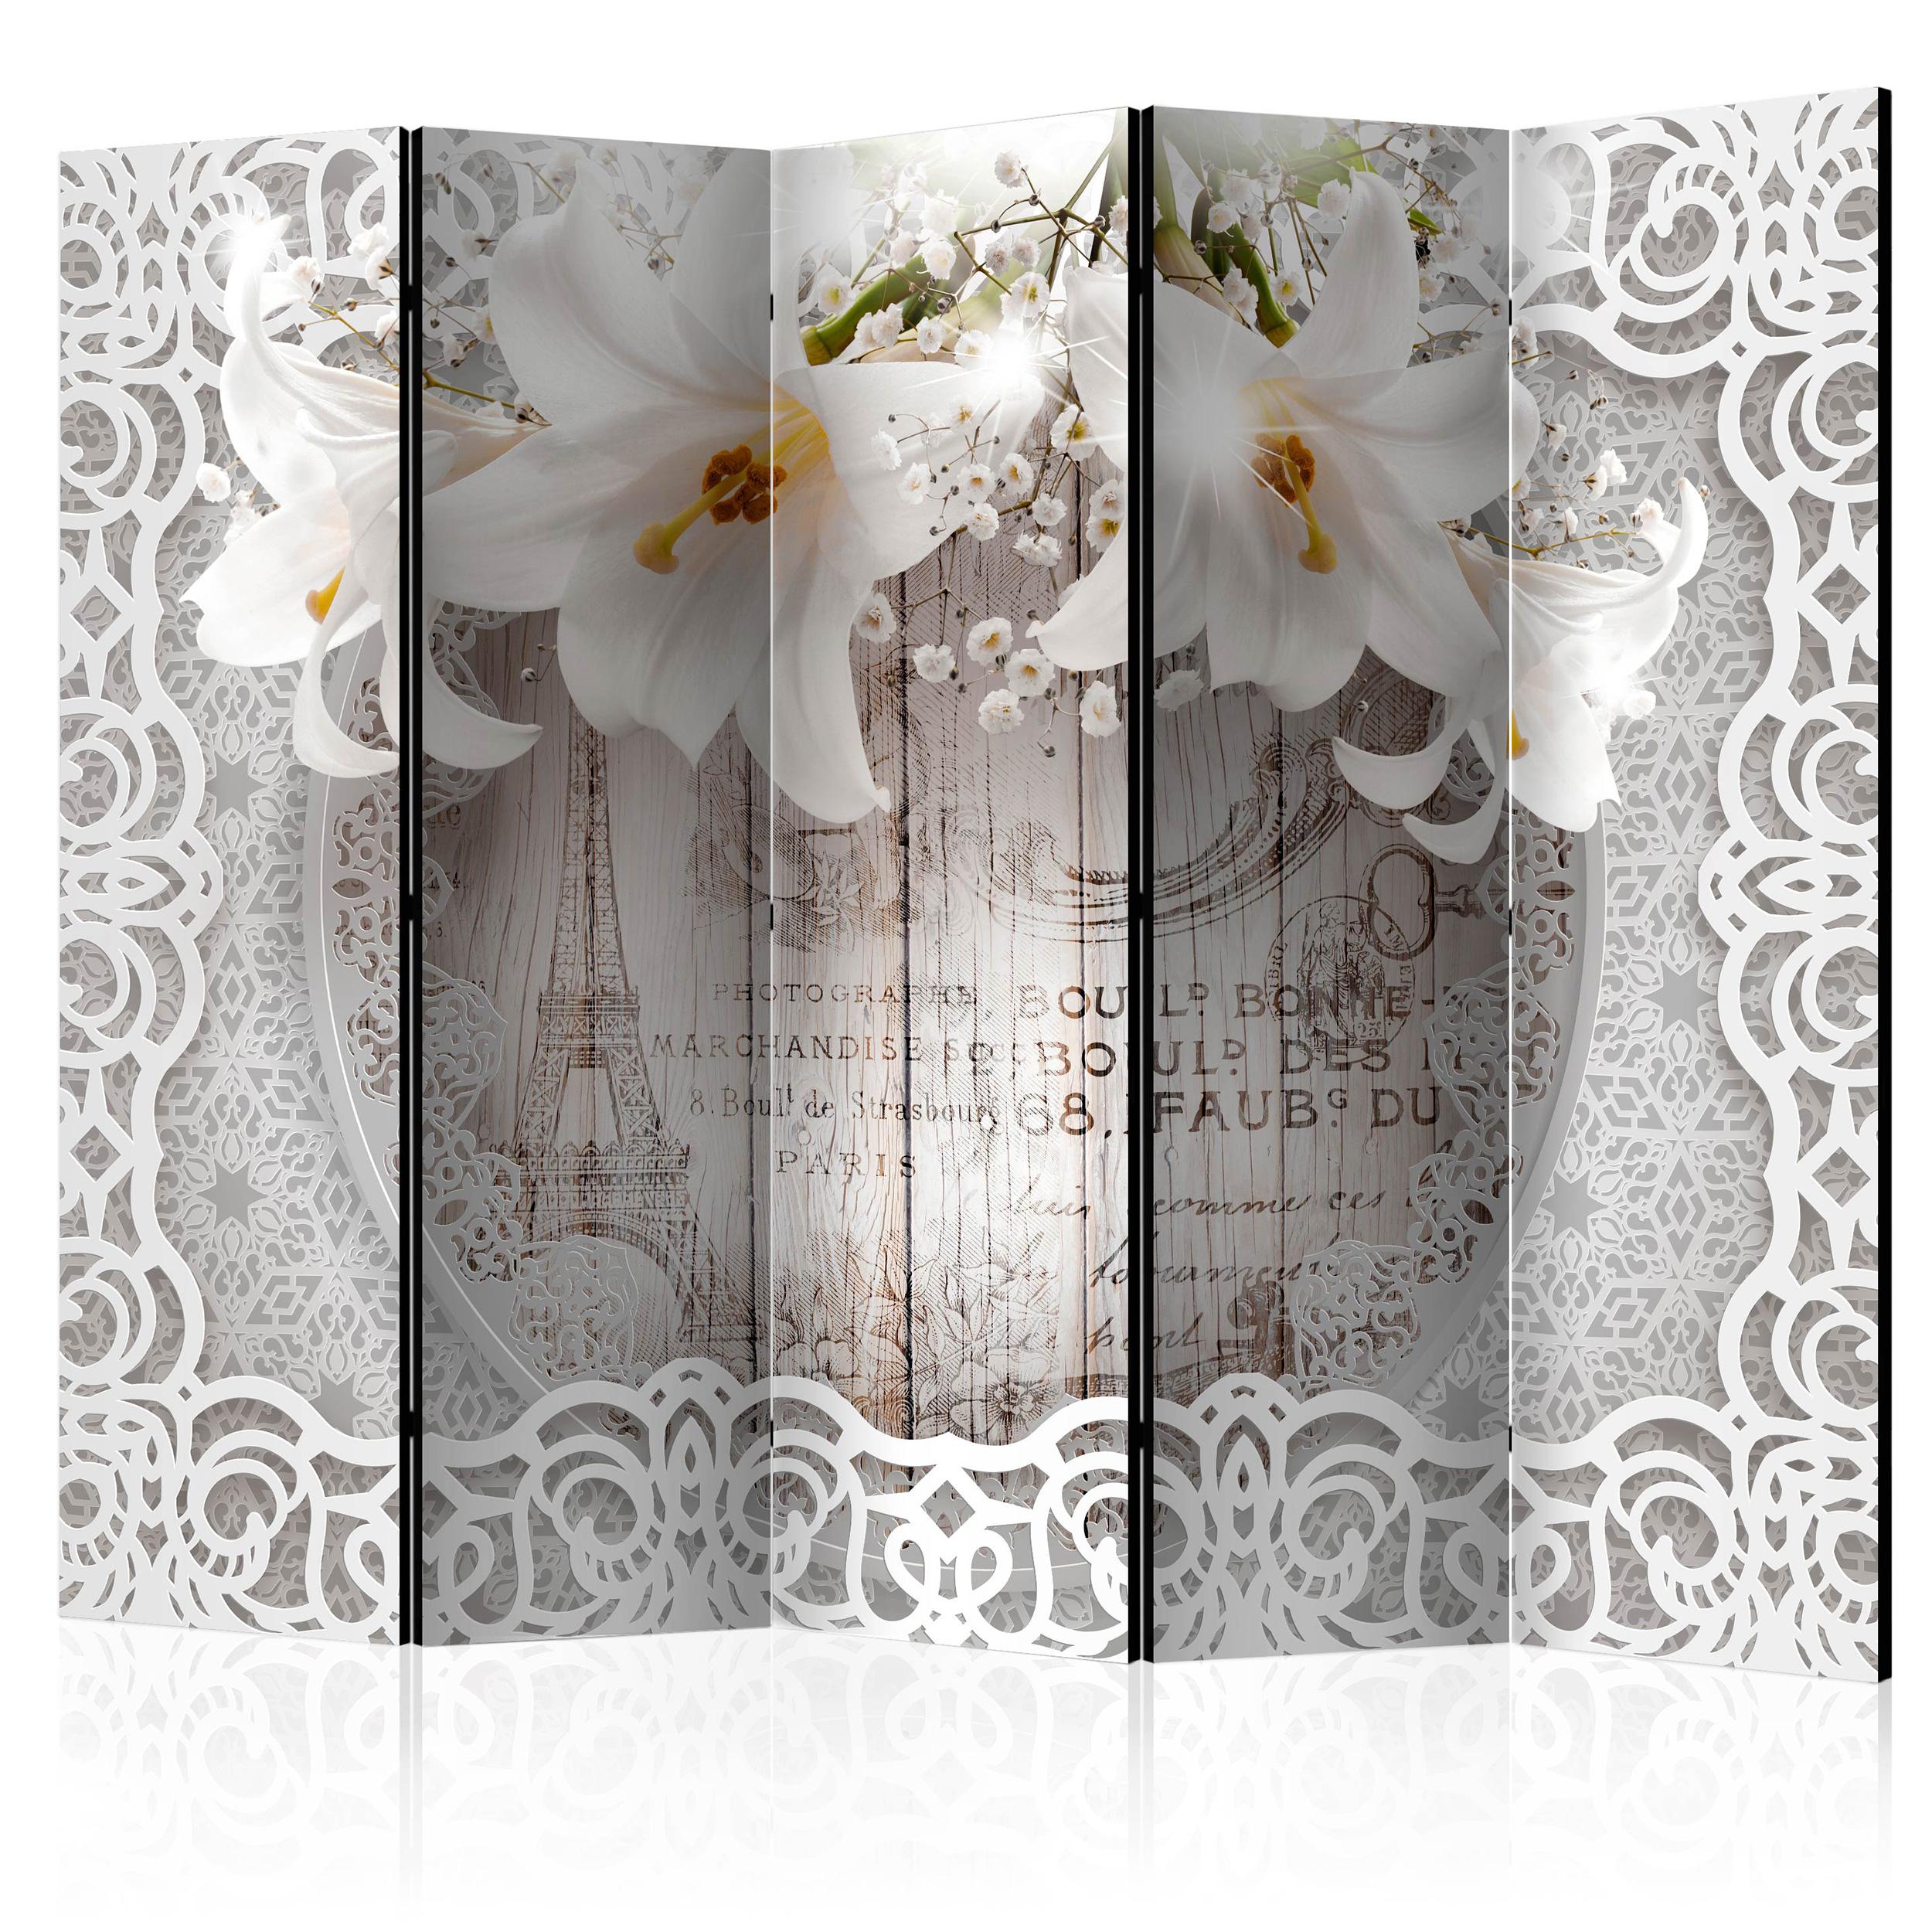 PARAVENT RAUMTEILER Spanische Wand TRENNWAND Abstrakt Blumen 2 Formate